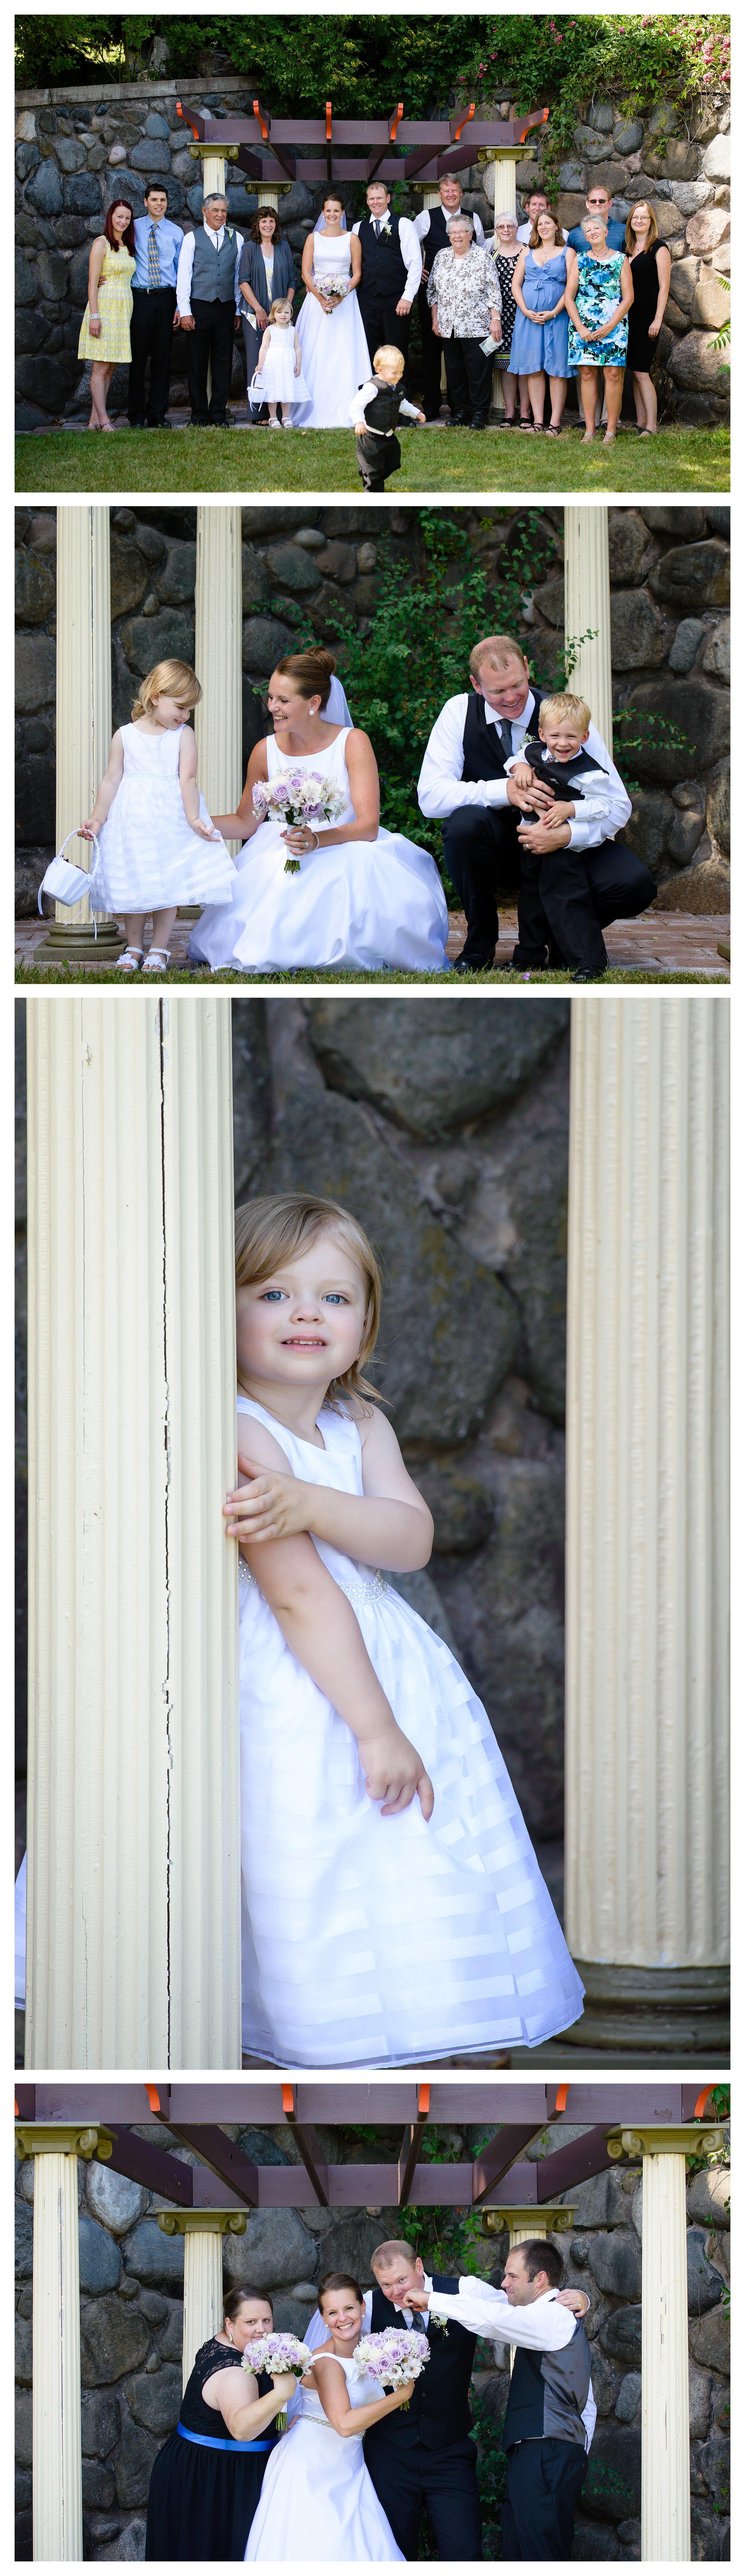 ps 139 photography jen jensen bayfield Rittenhouse Inn La Chateau wedding_0017.jpg